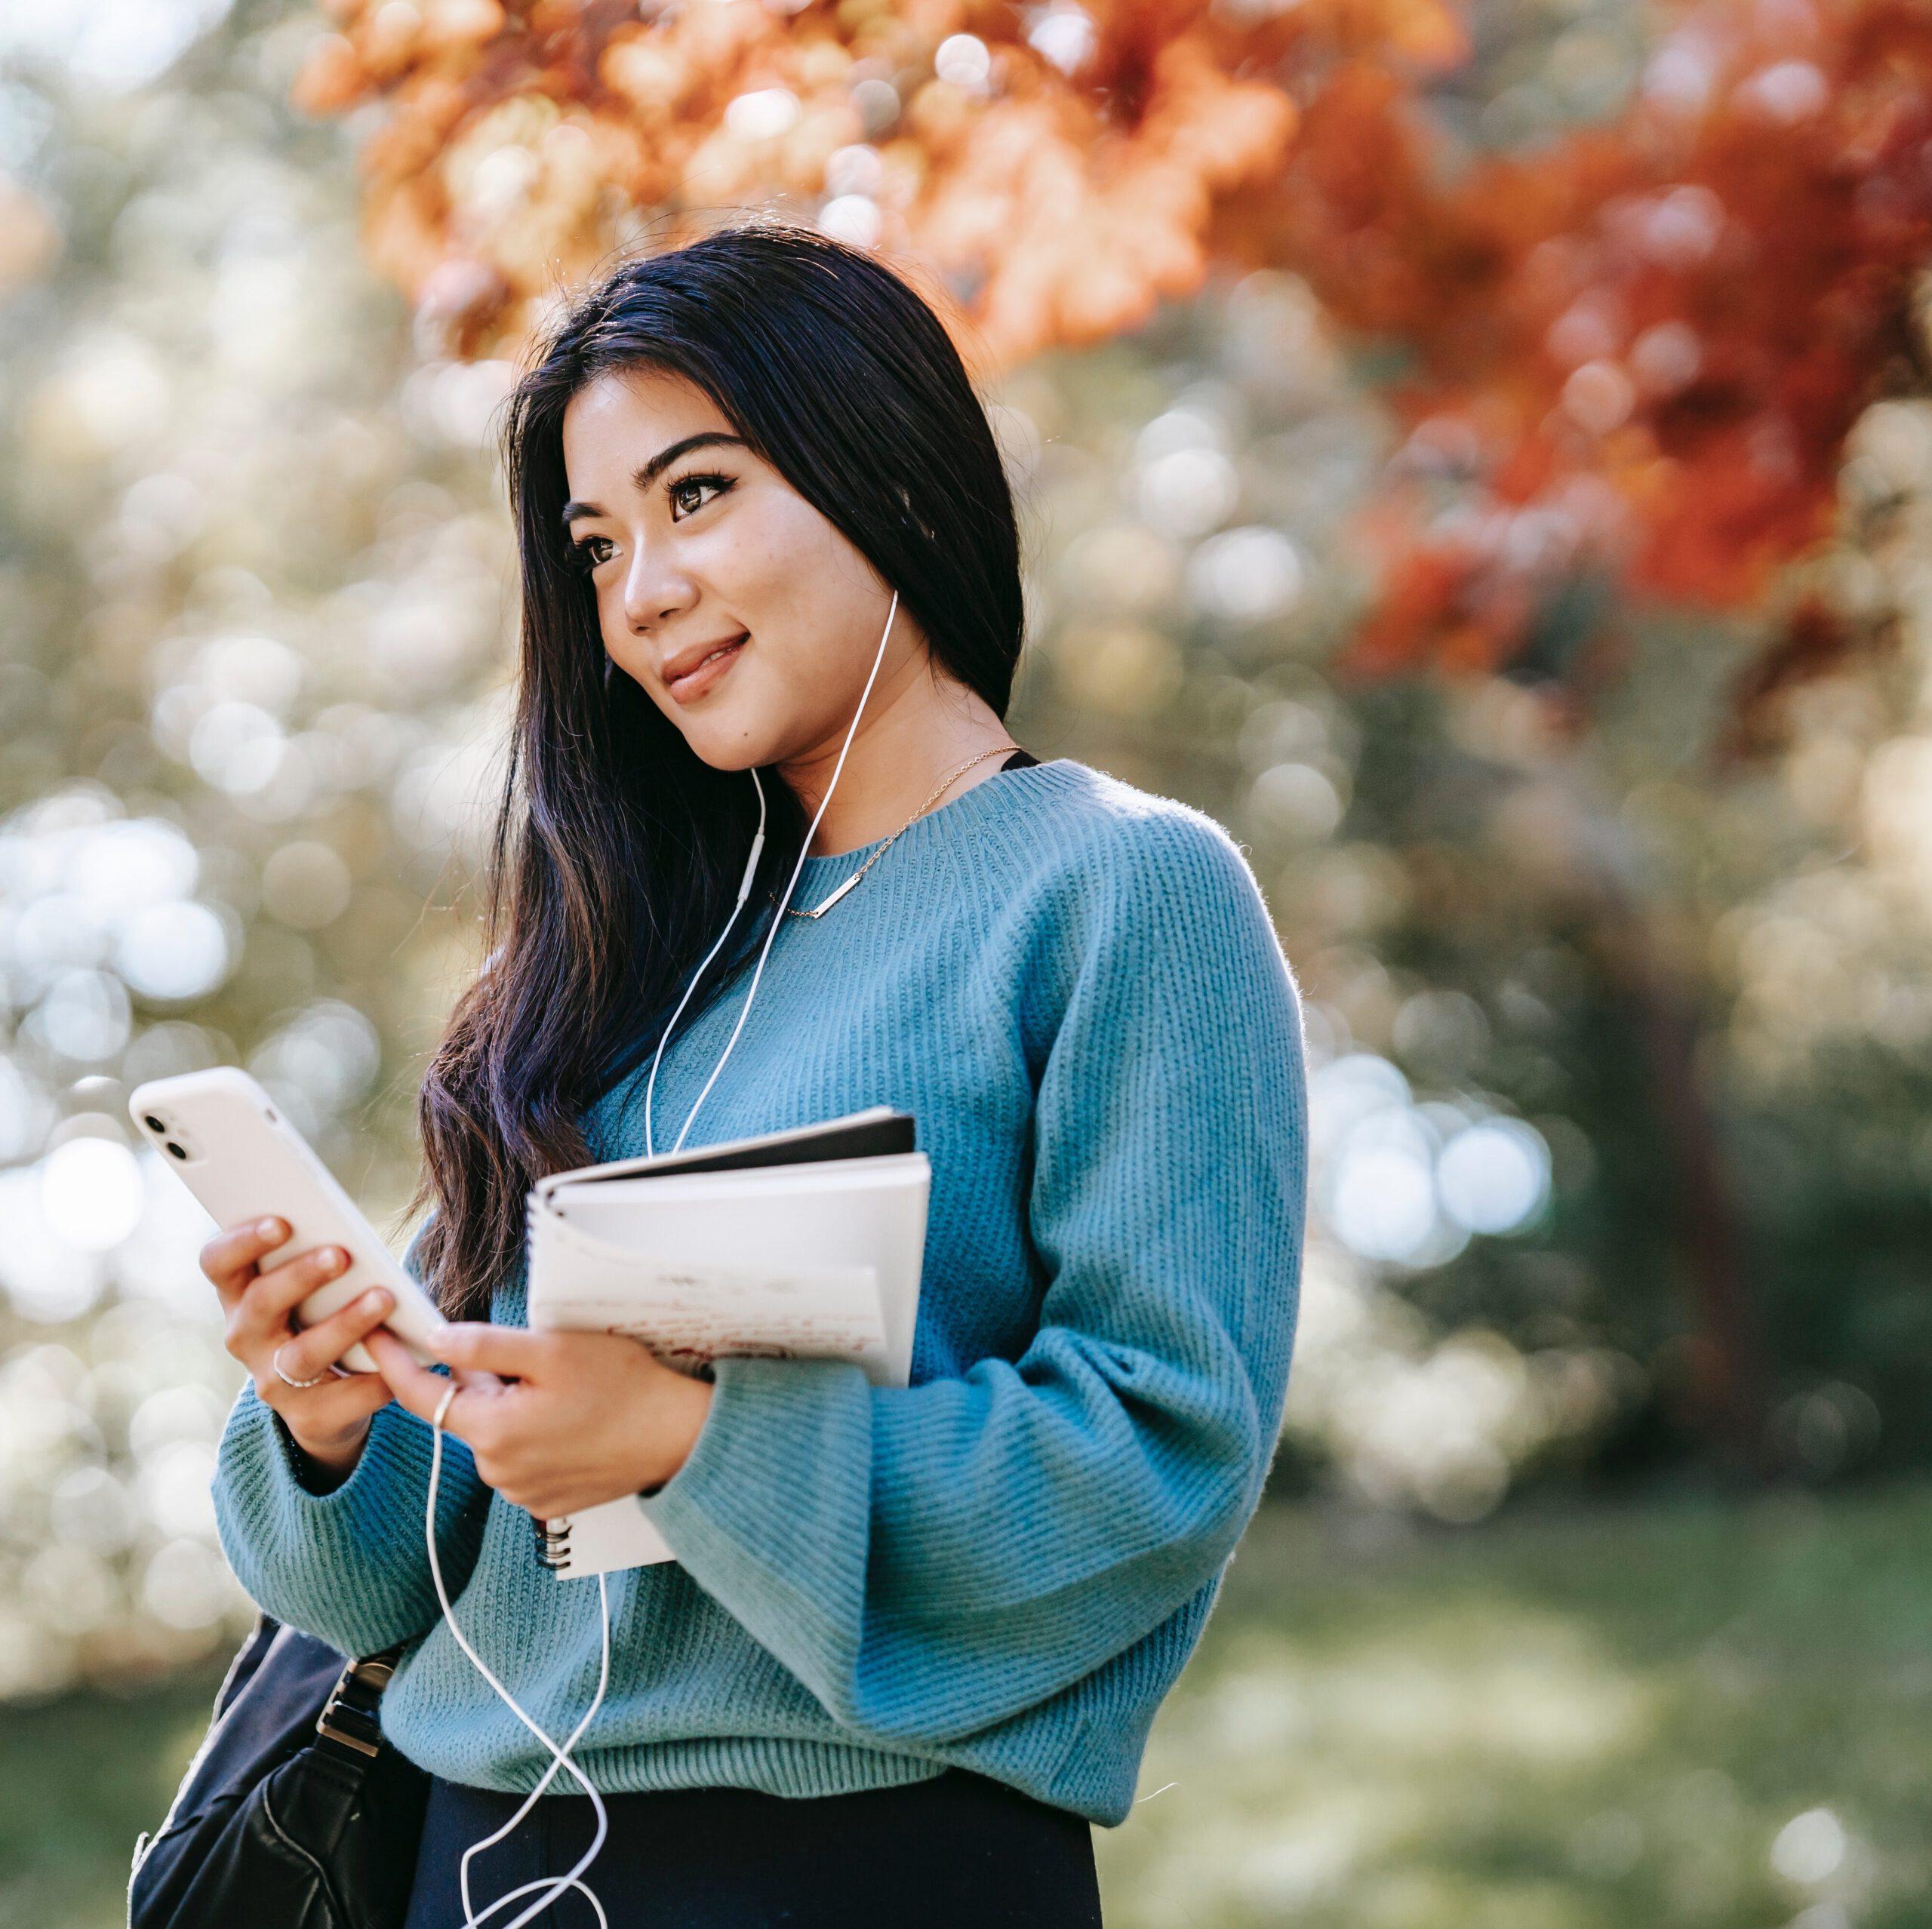 Frau mit Smartphone in der Hand und Kopfhörern in den Ohren hört den Audio Guide